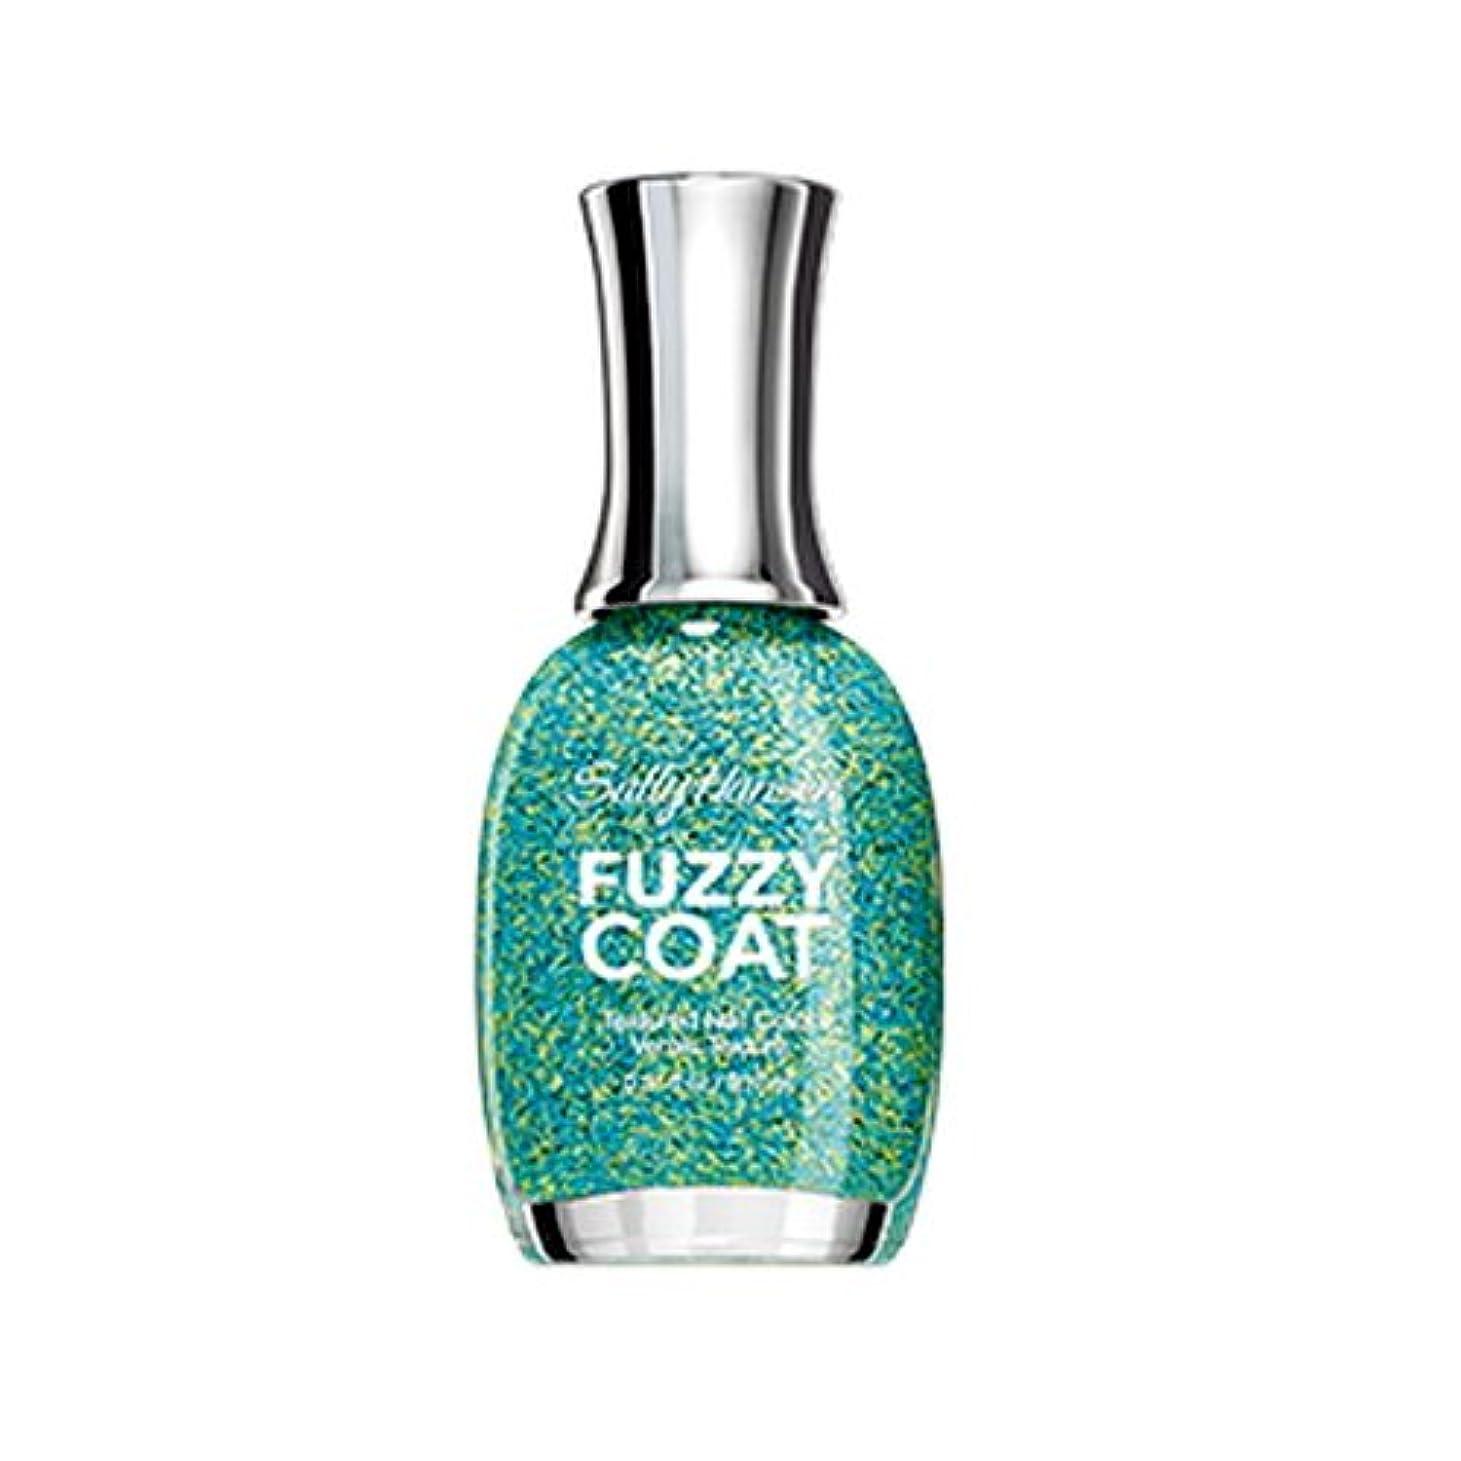 予感道徳の資産SALLY HANSEN Fuzzy Coat Special Effect Textured Nail Color - Fuzz-Sea (並行輸入品)